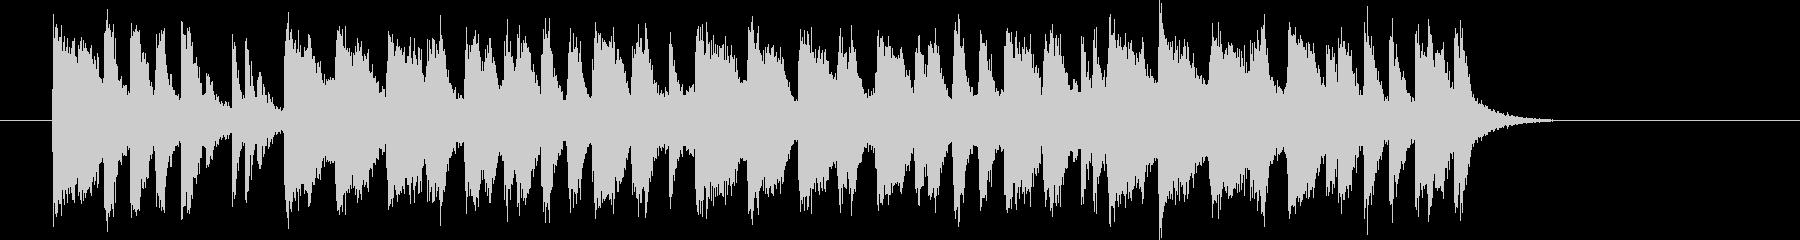 アップテンポのイントロの未再生の波形